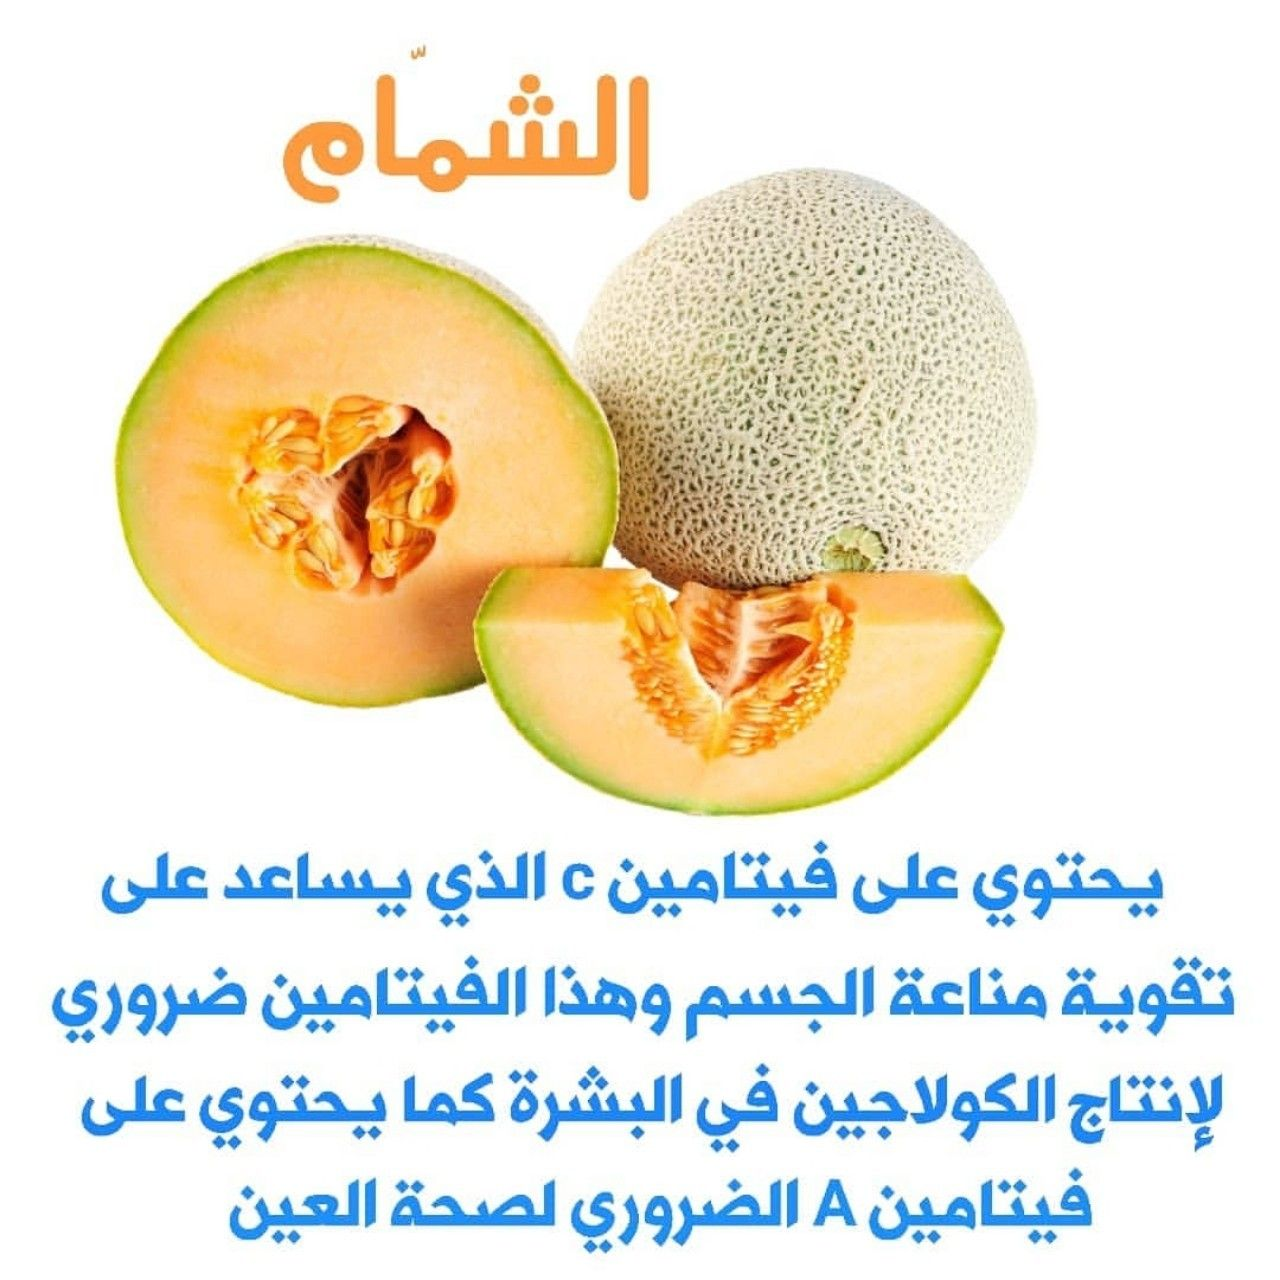 Pin By Ahmed Albaldawe On صحة Fruit Honeydew Food